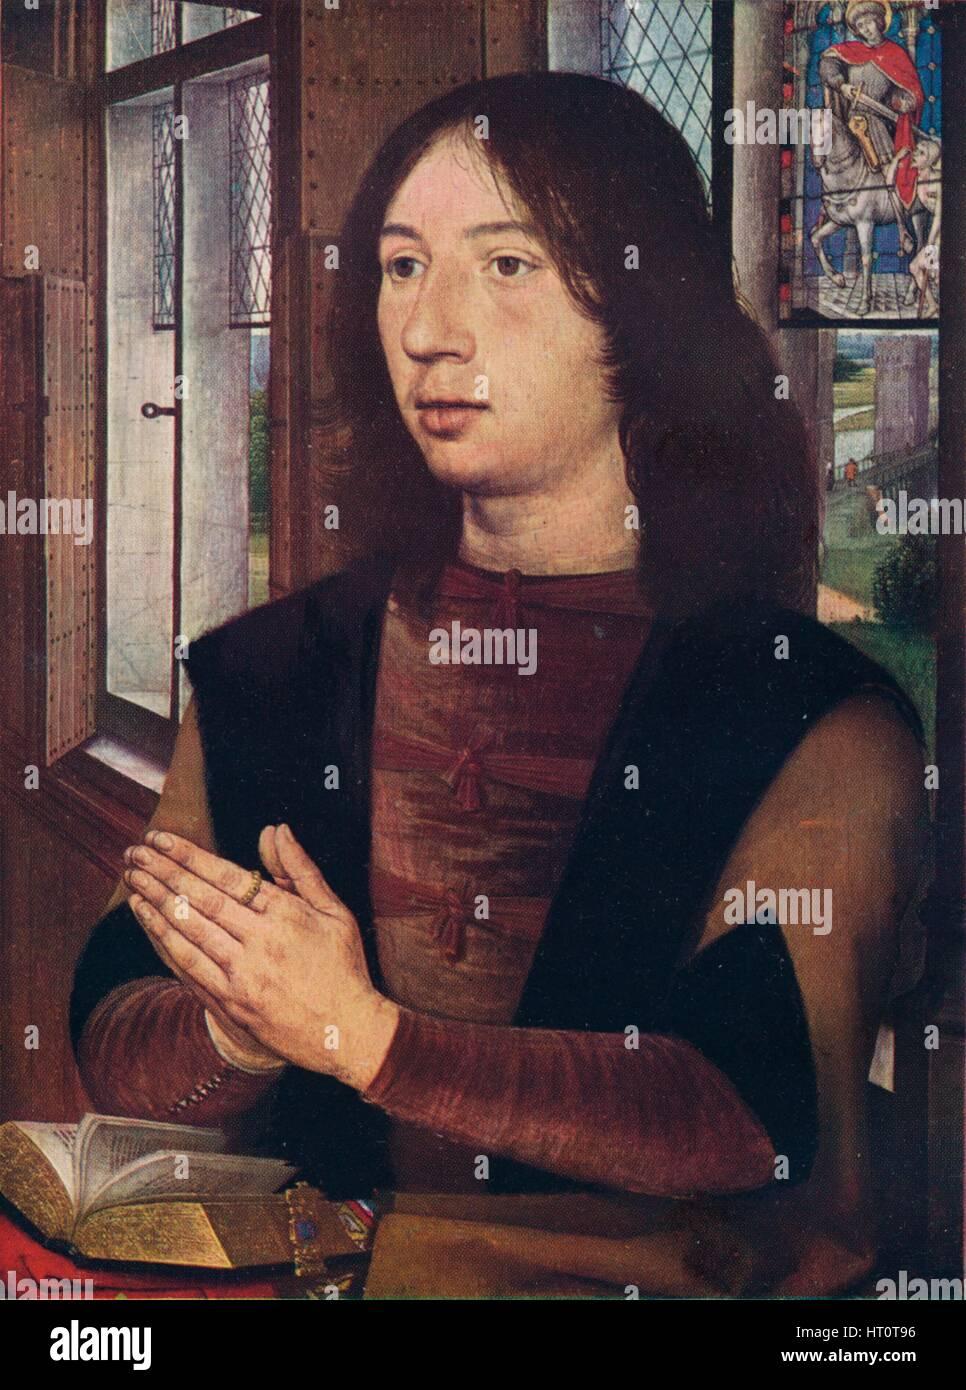 'Maarten van Nieuwenhove, from The Diptych of Maerten van Nieuwenhove', 1487. Artist: Hans Memling. - Stock Image